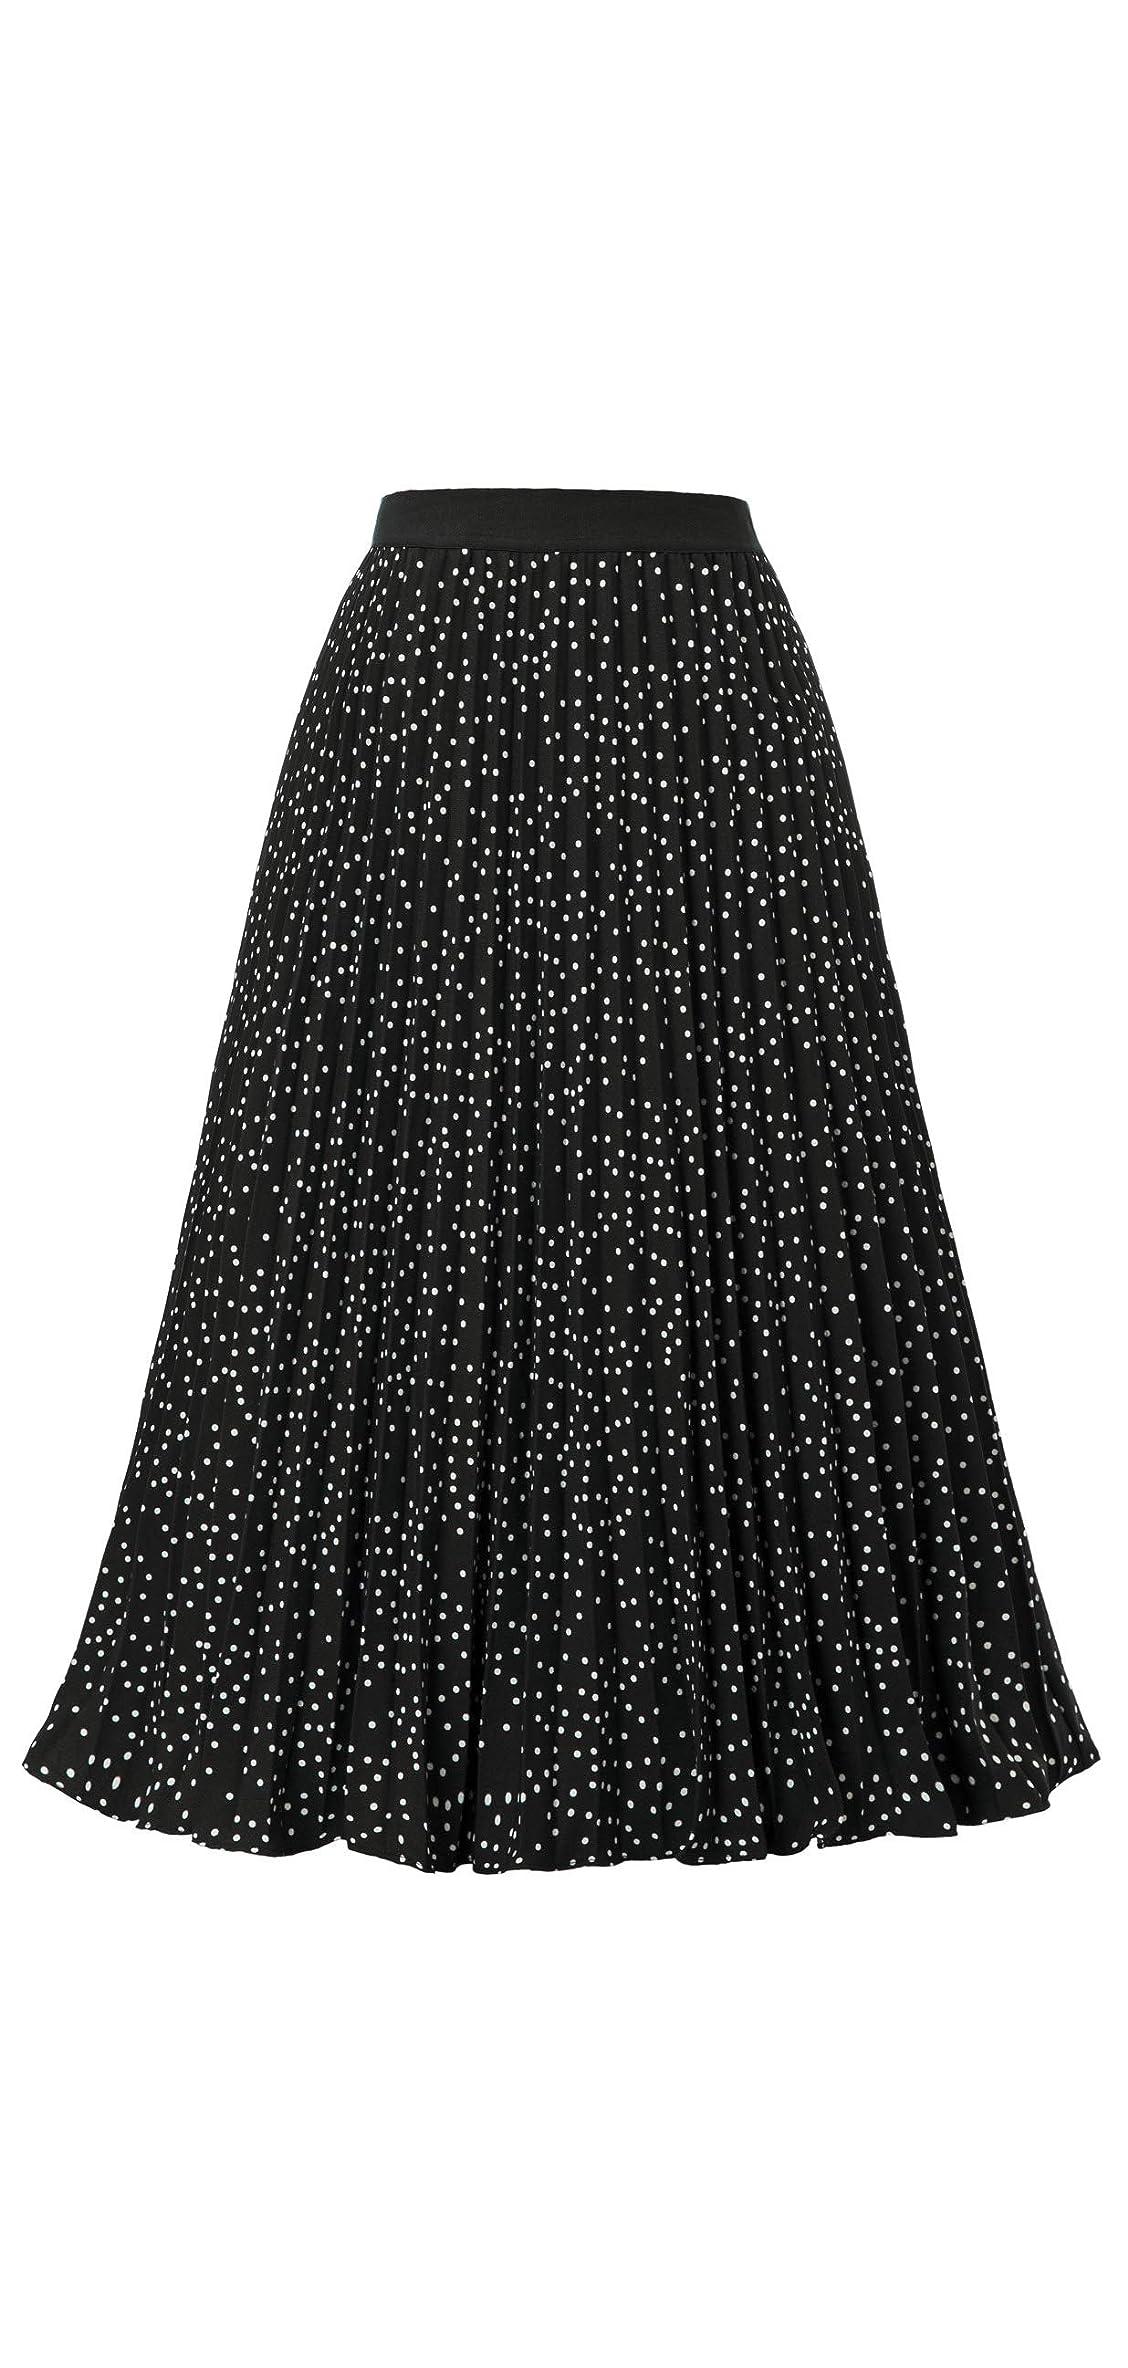 Women's High Waist Pleated A-line Swing Skirt Kk